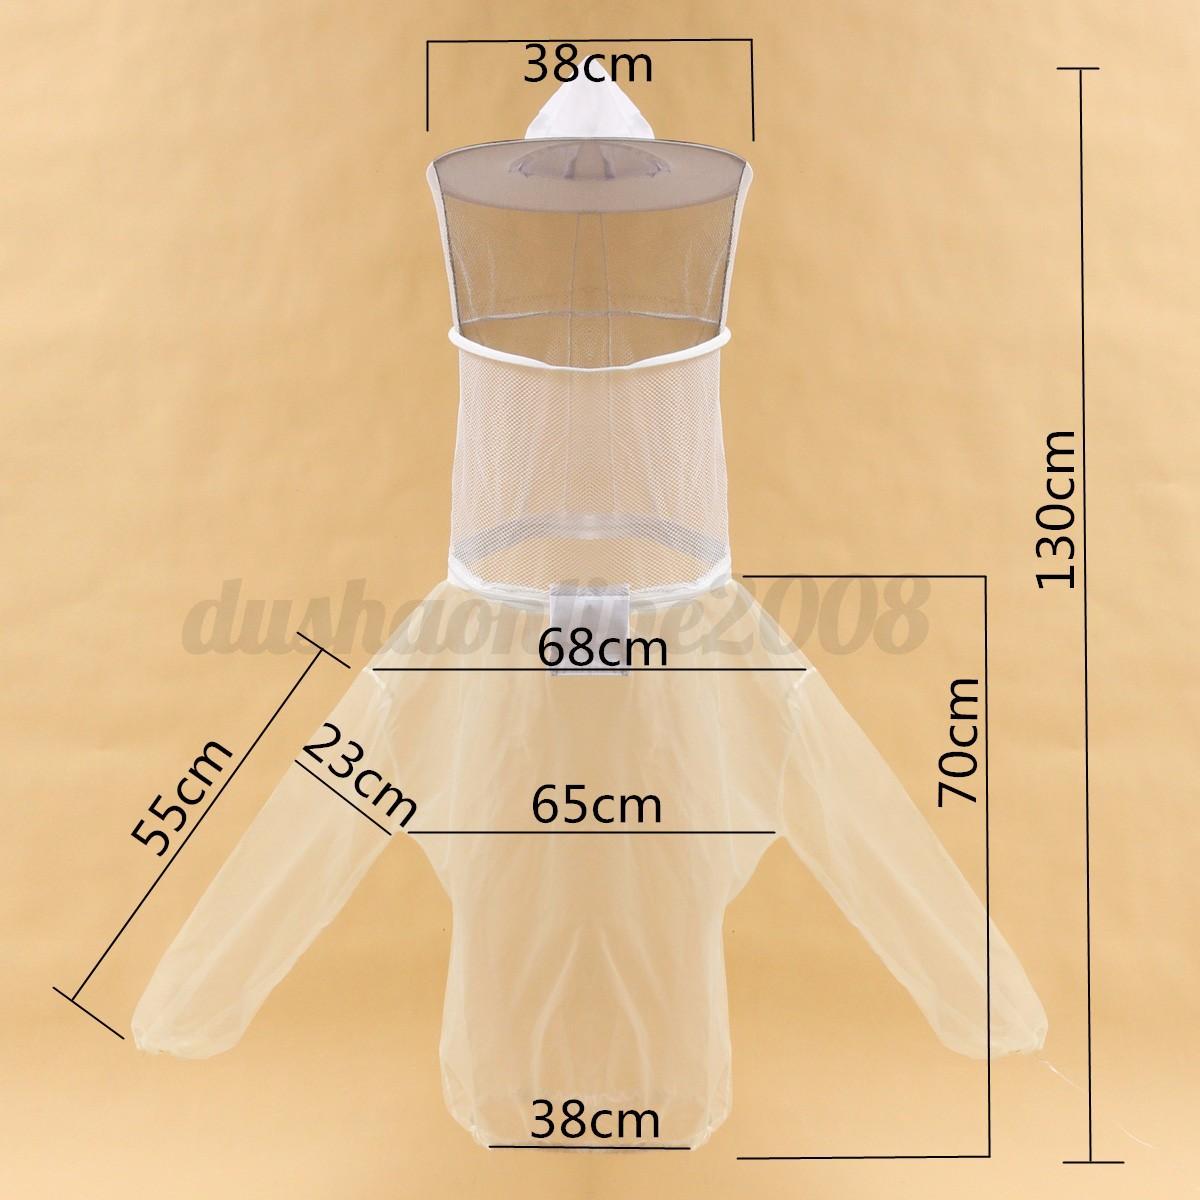 Abeille Moitié Corps Costume Apiculture Veste Voile Chapeau Blouse Protecteur 4